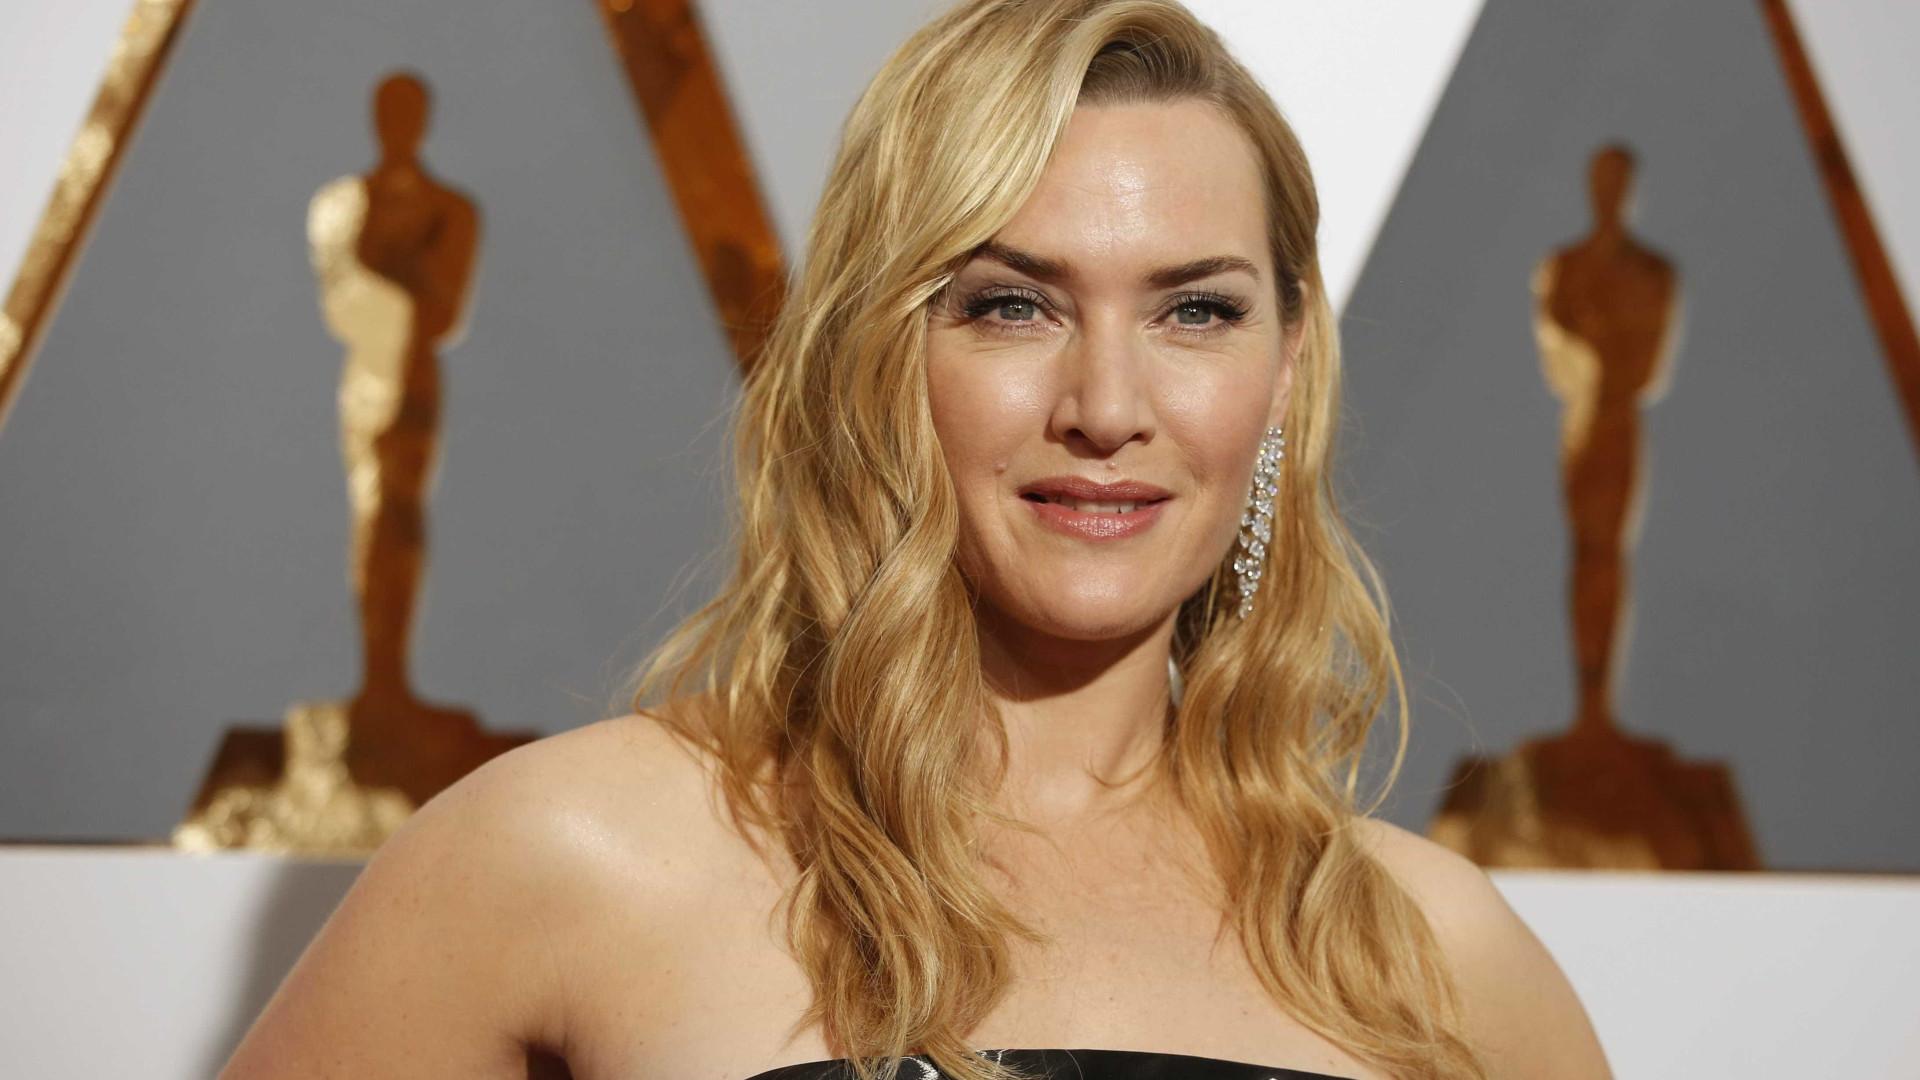 'Fui muito criticada', afirma Kate Winslet, e relata sofrimento após lançamento de 'Titanic'